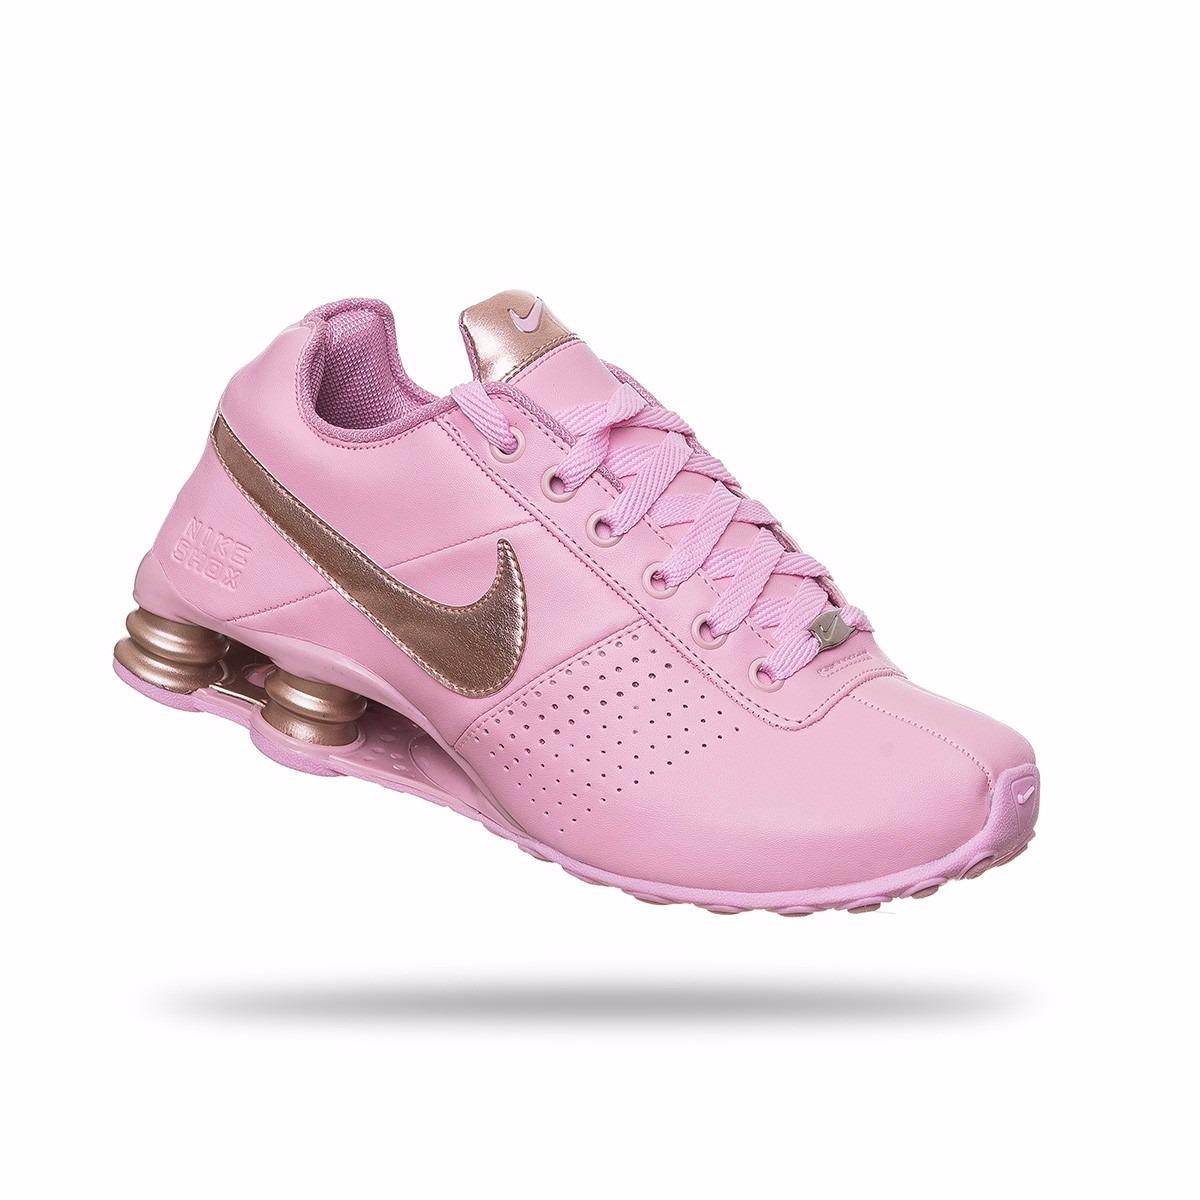 f60554c641e Tênis Nike Shox Classic Deliver Feminino Lindo Frete Grátis - R  204 ...